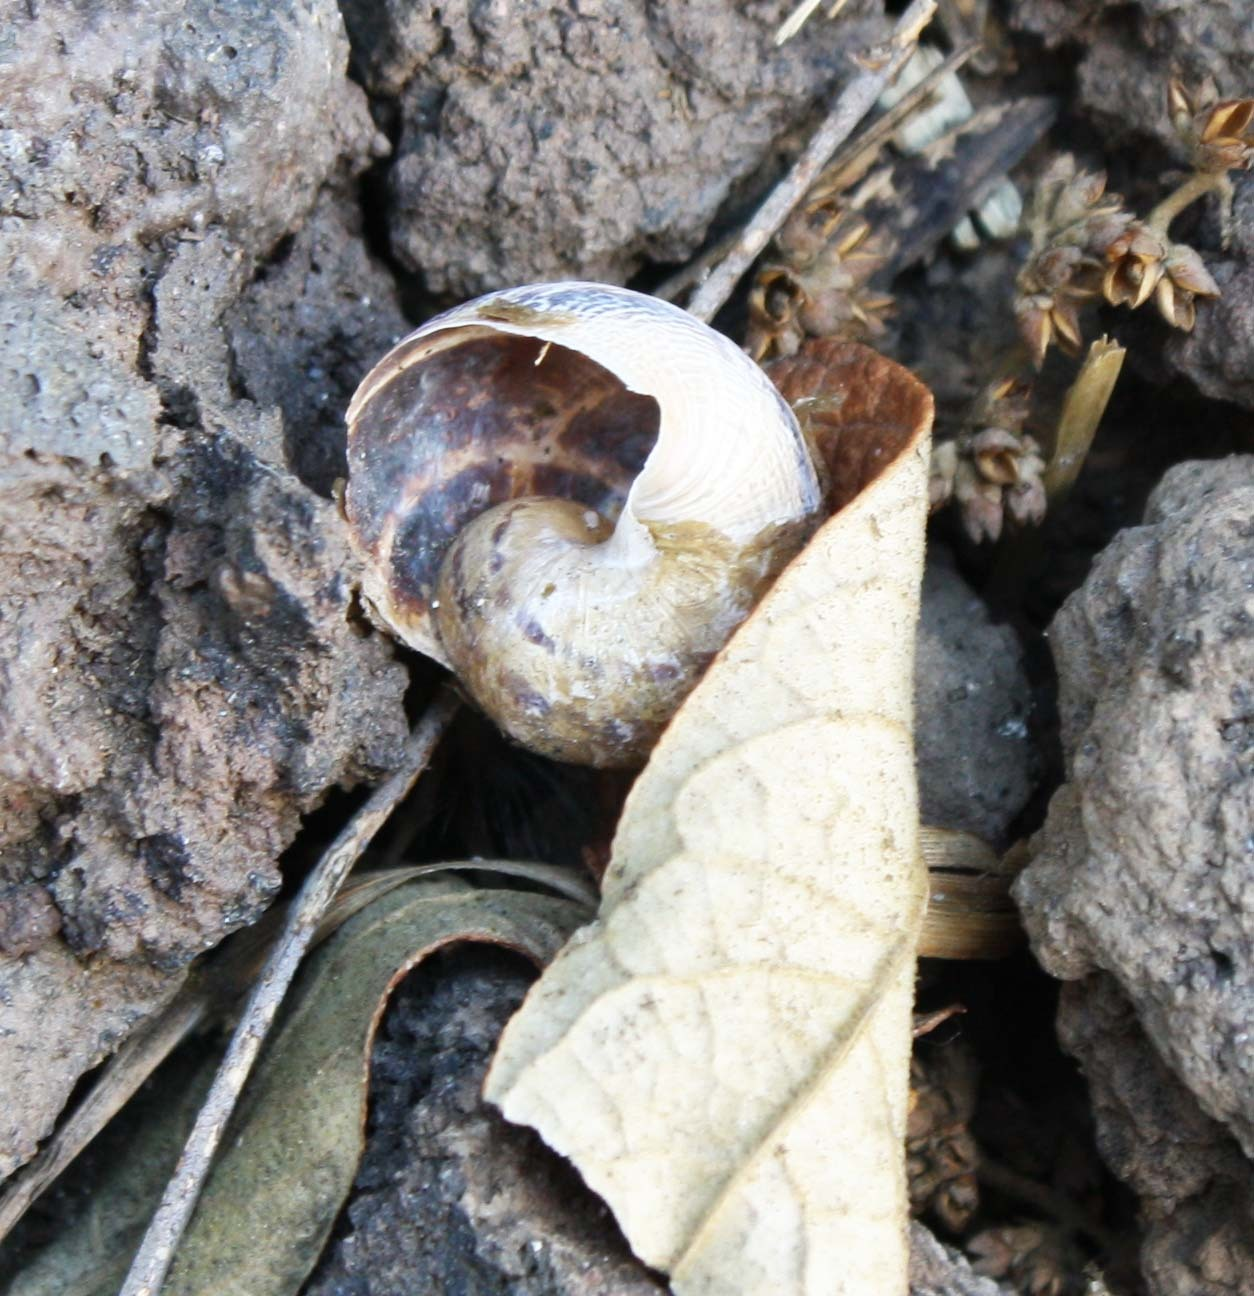 Caracol de jard n observado por heliographyst en mayo 6 for Caracol de jardin